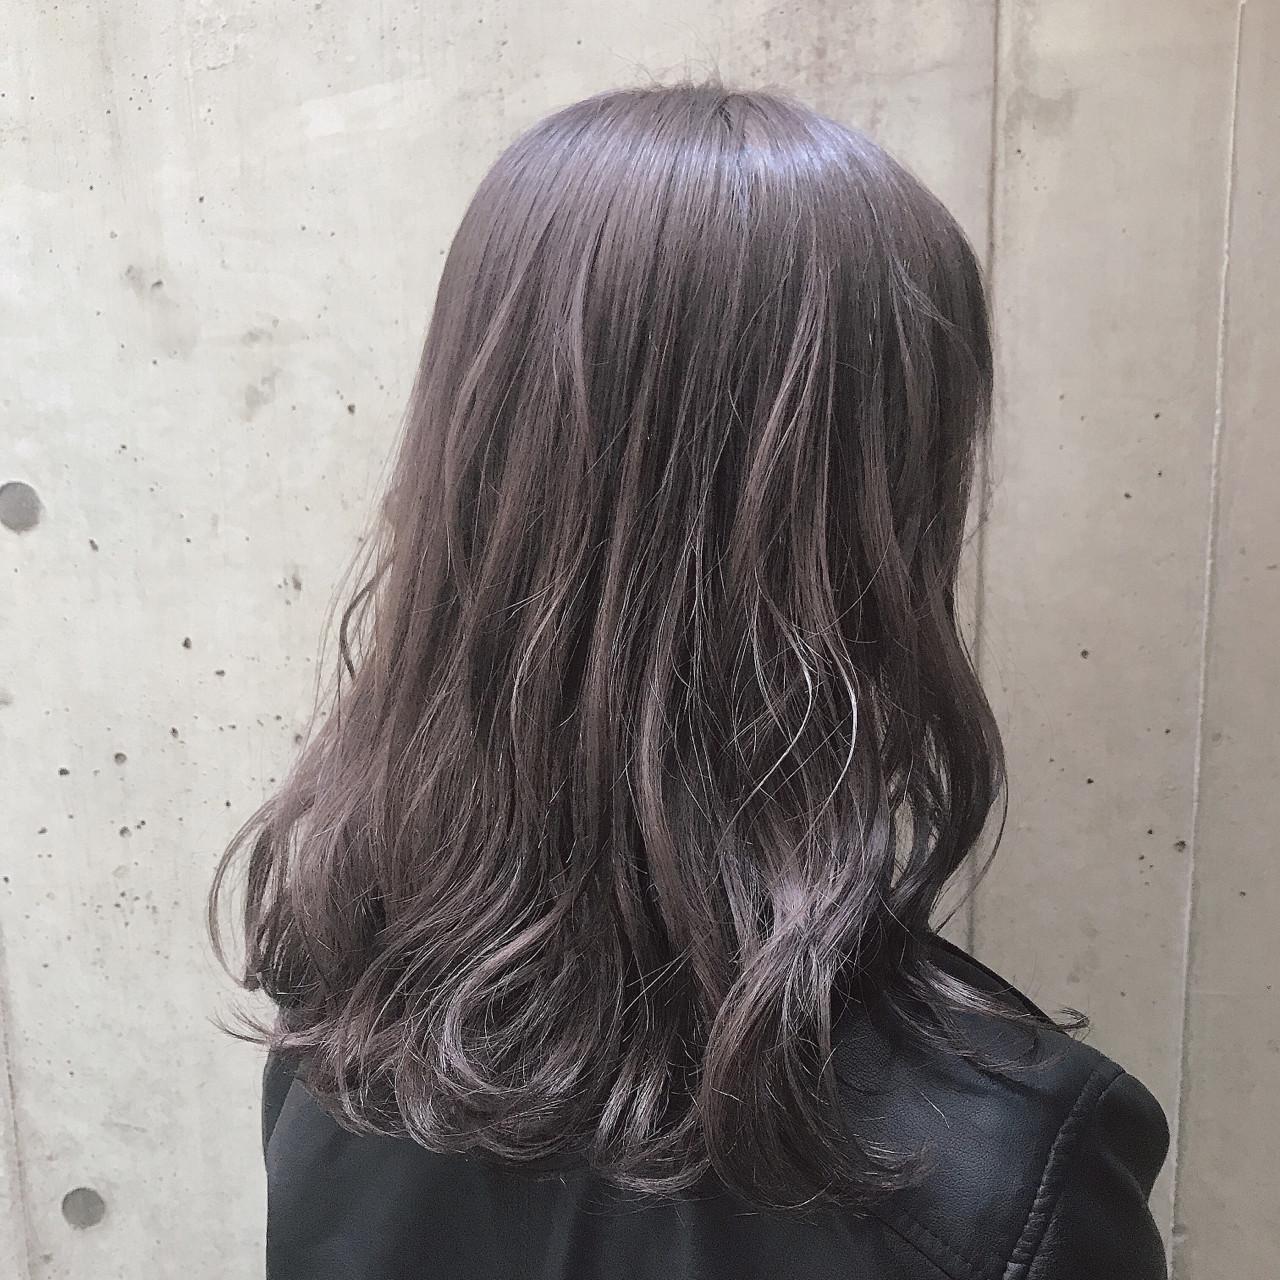 セミロング ナチュラル ゆるふわ ラベンダー ヘアスタイルや髪型の写真・画像 | kae /  ROVER